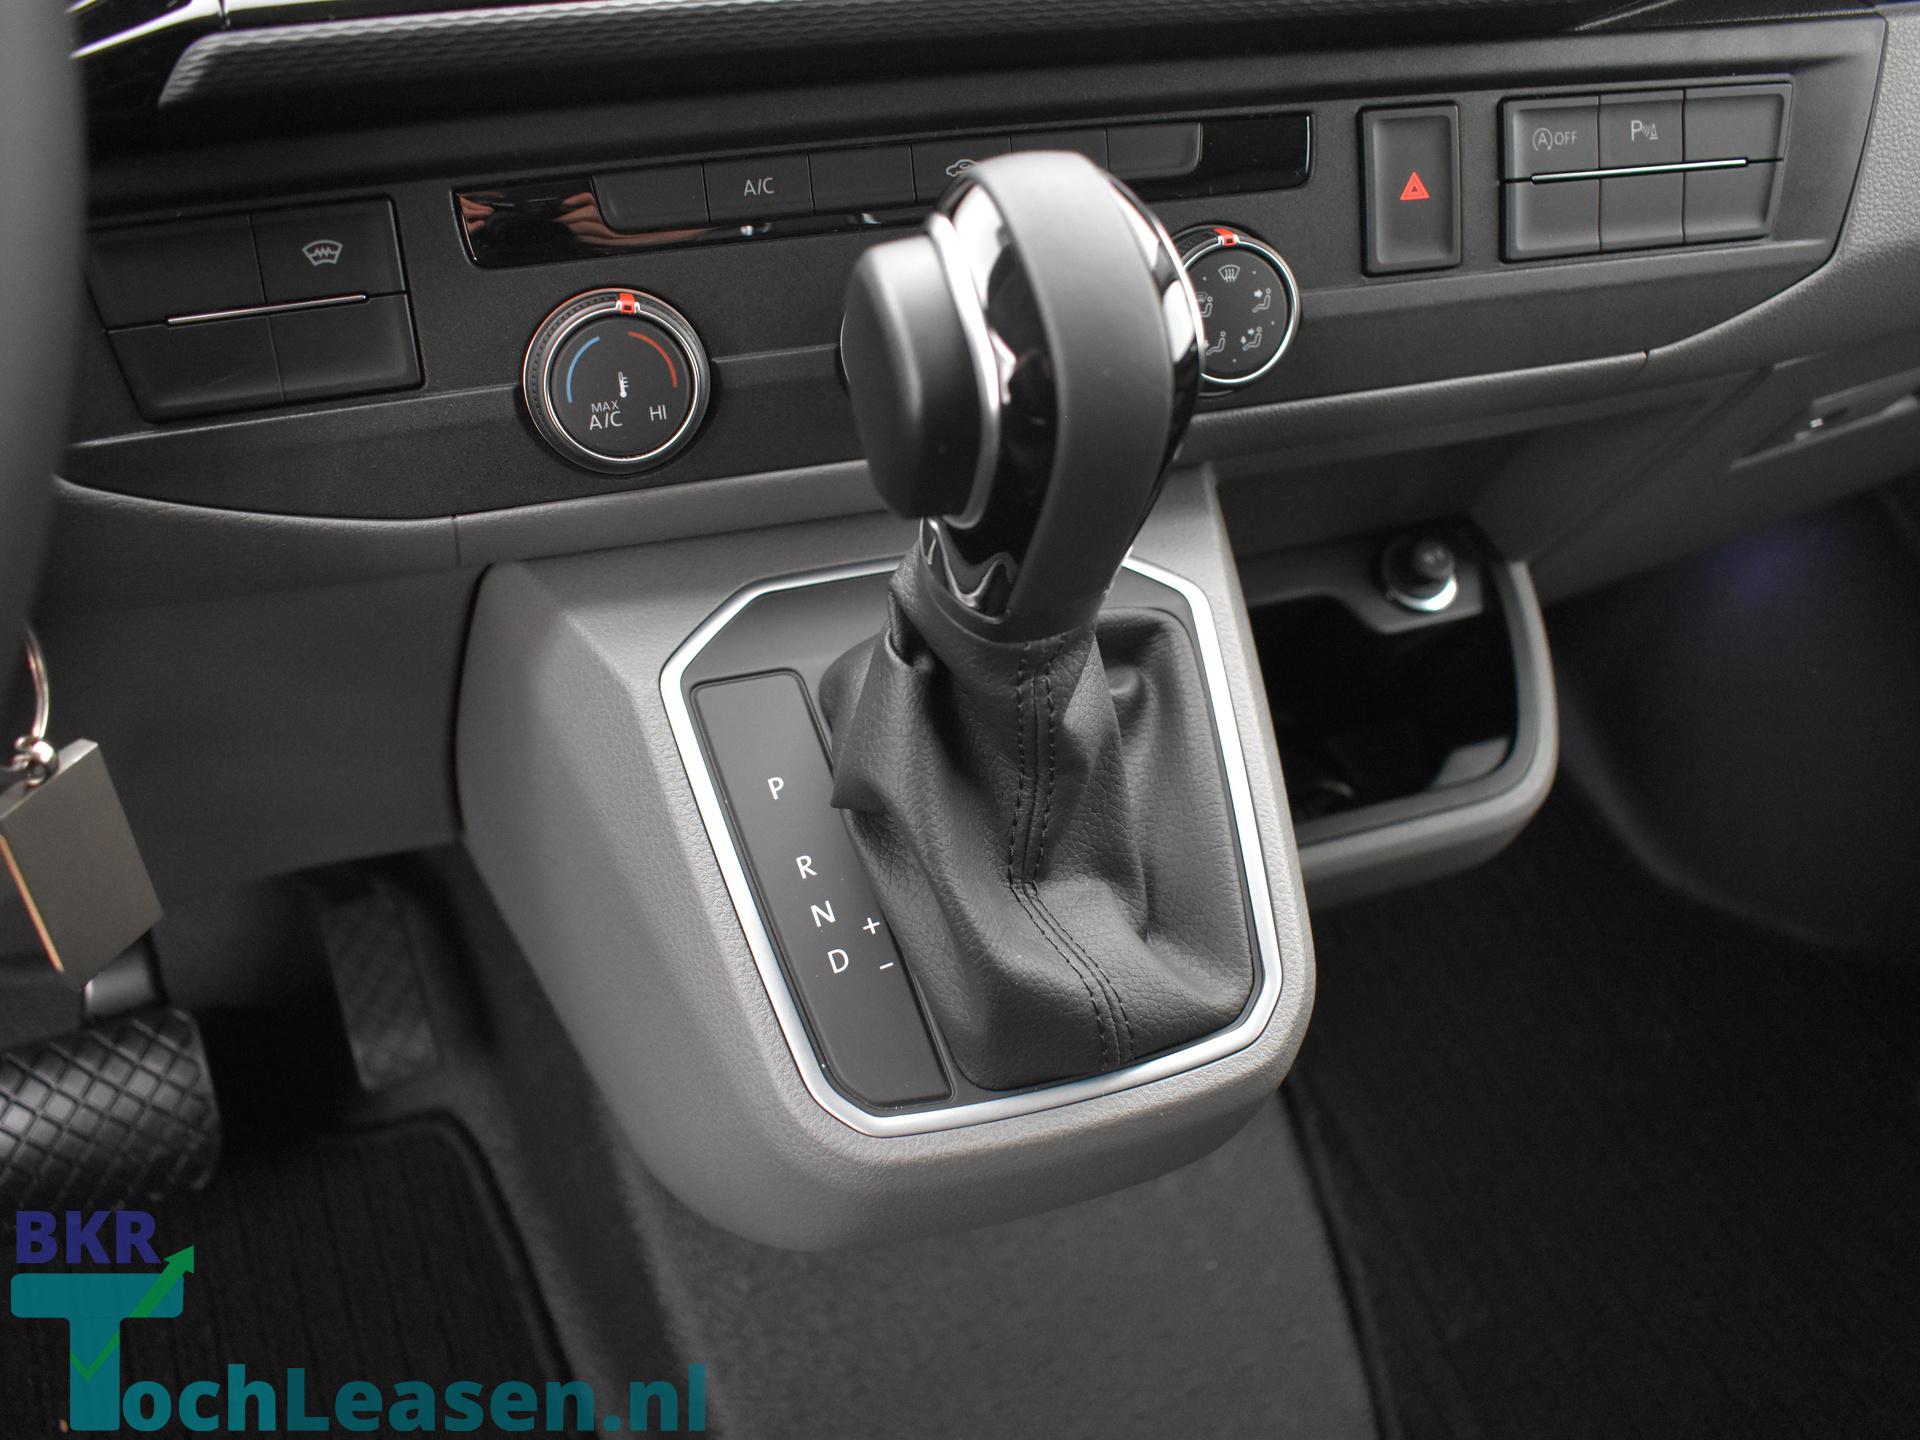 BKR toch leasen Volkswagen Transporter zwart 16